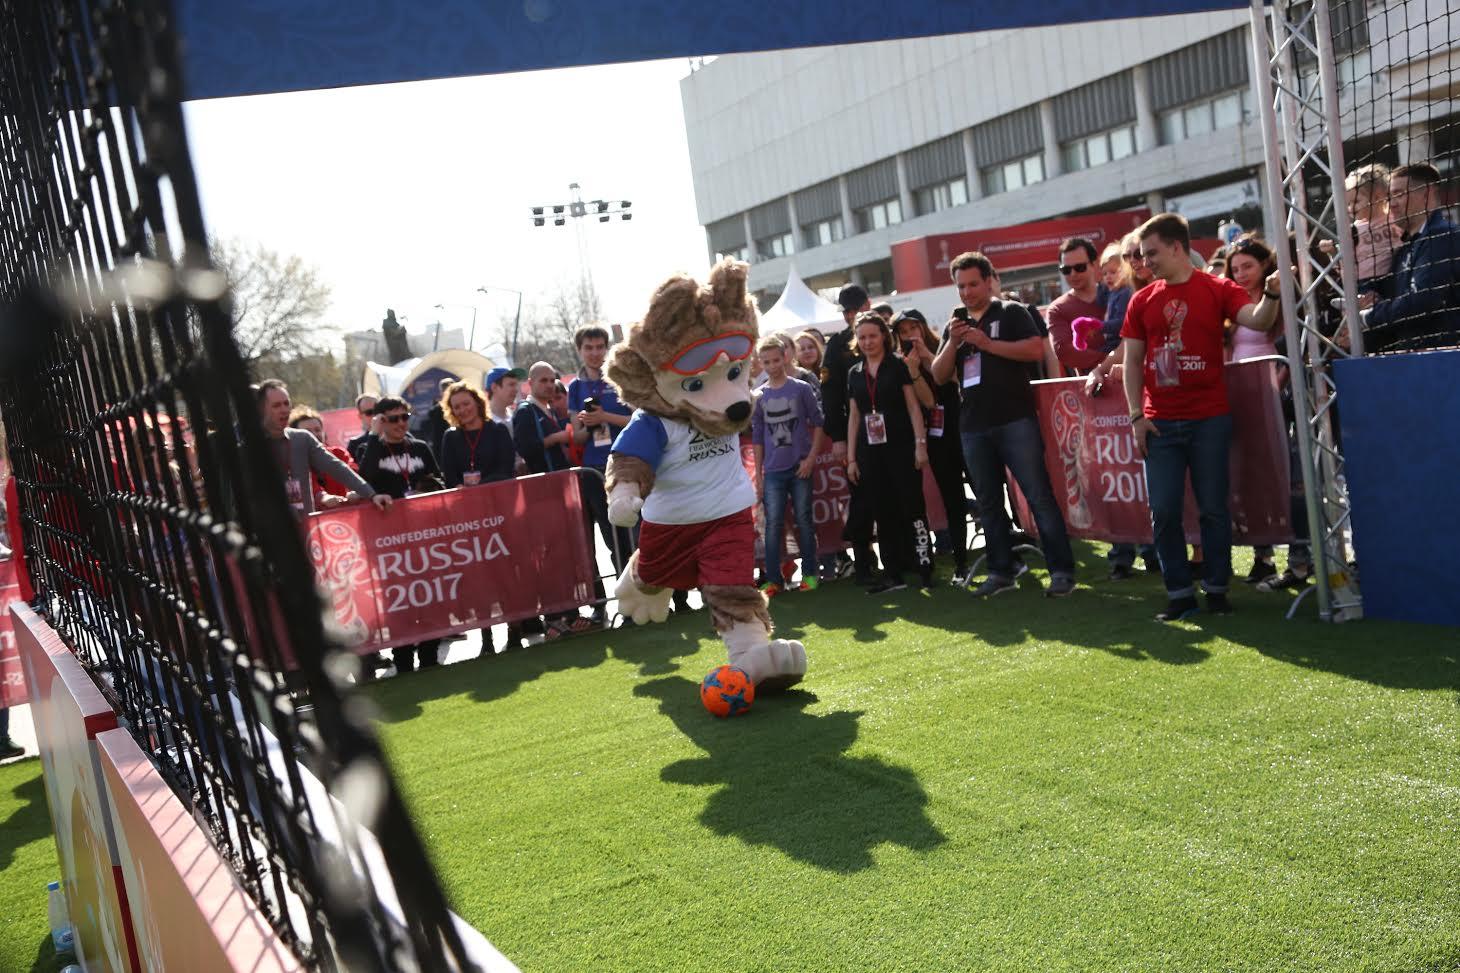 Волонтеры помогли организовать трансляцию финала Кубка РФ пофутболу вЕкатеринбурге